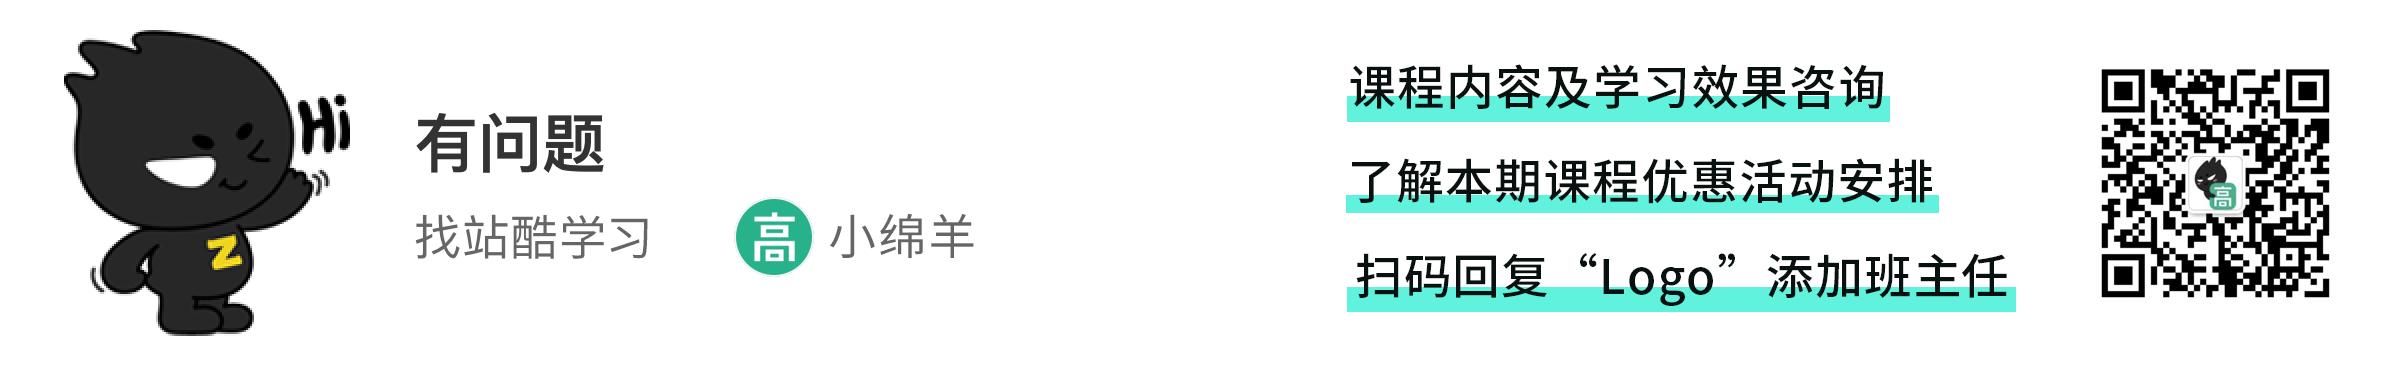 (即将满员)Logo·字体·品牌·包装设计实战班